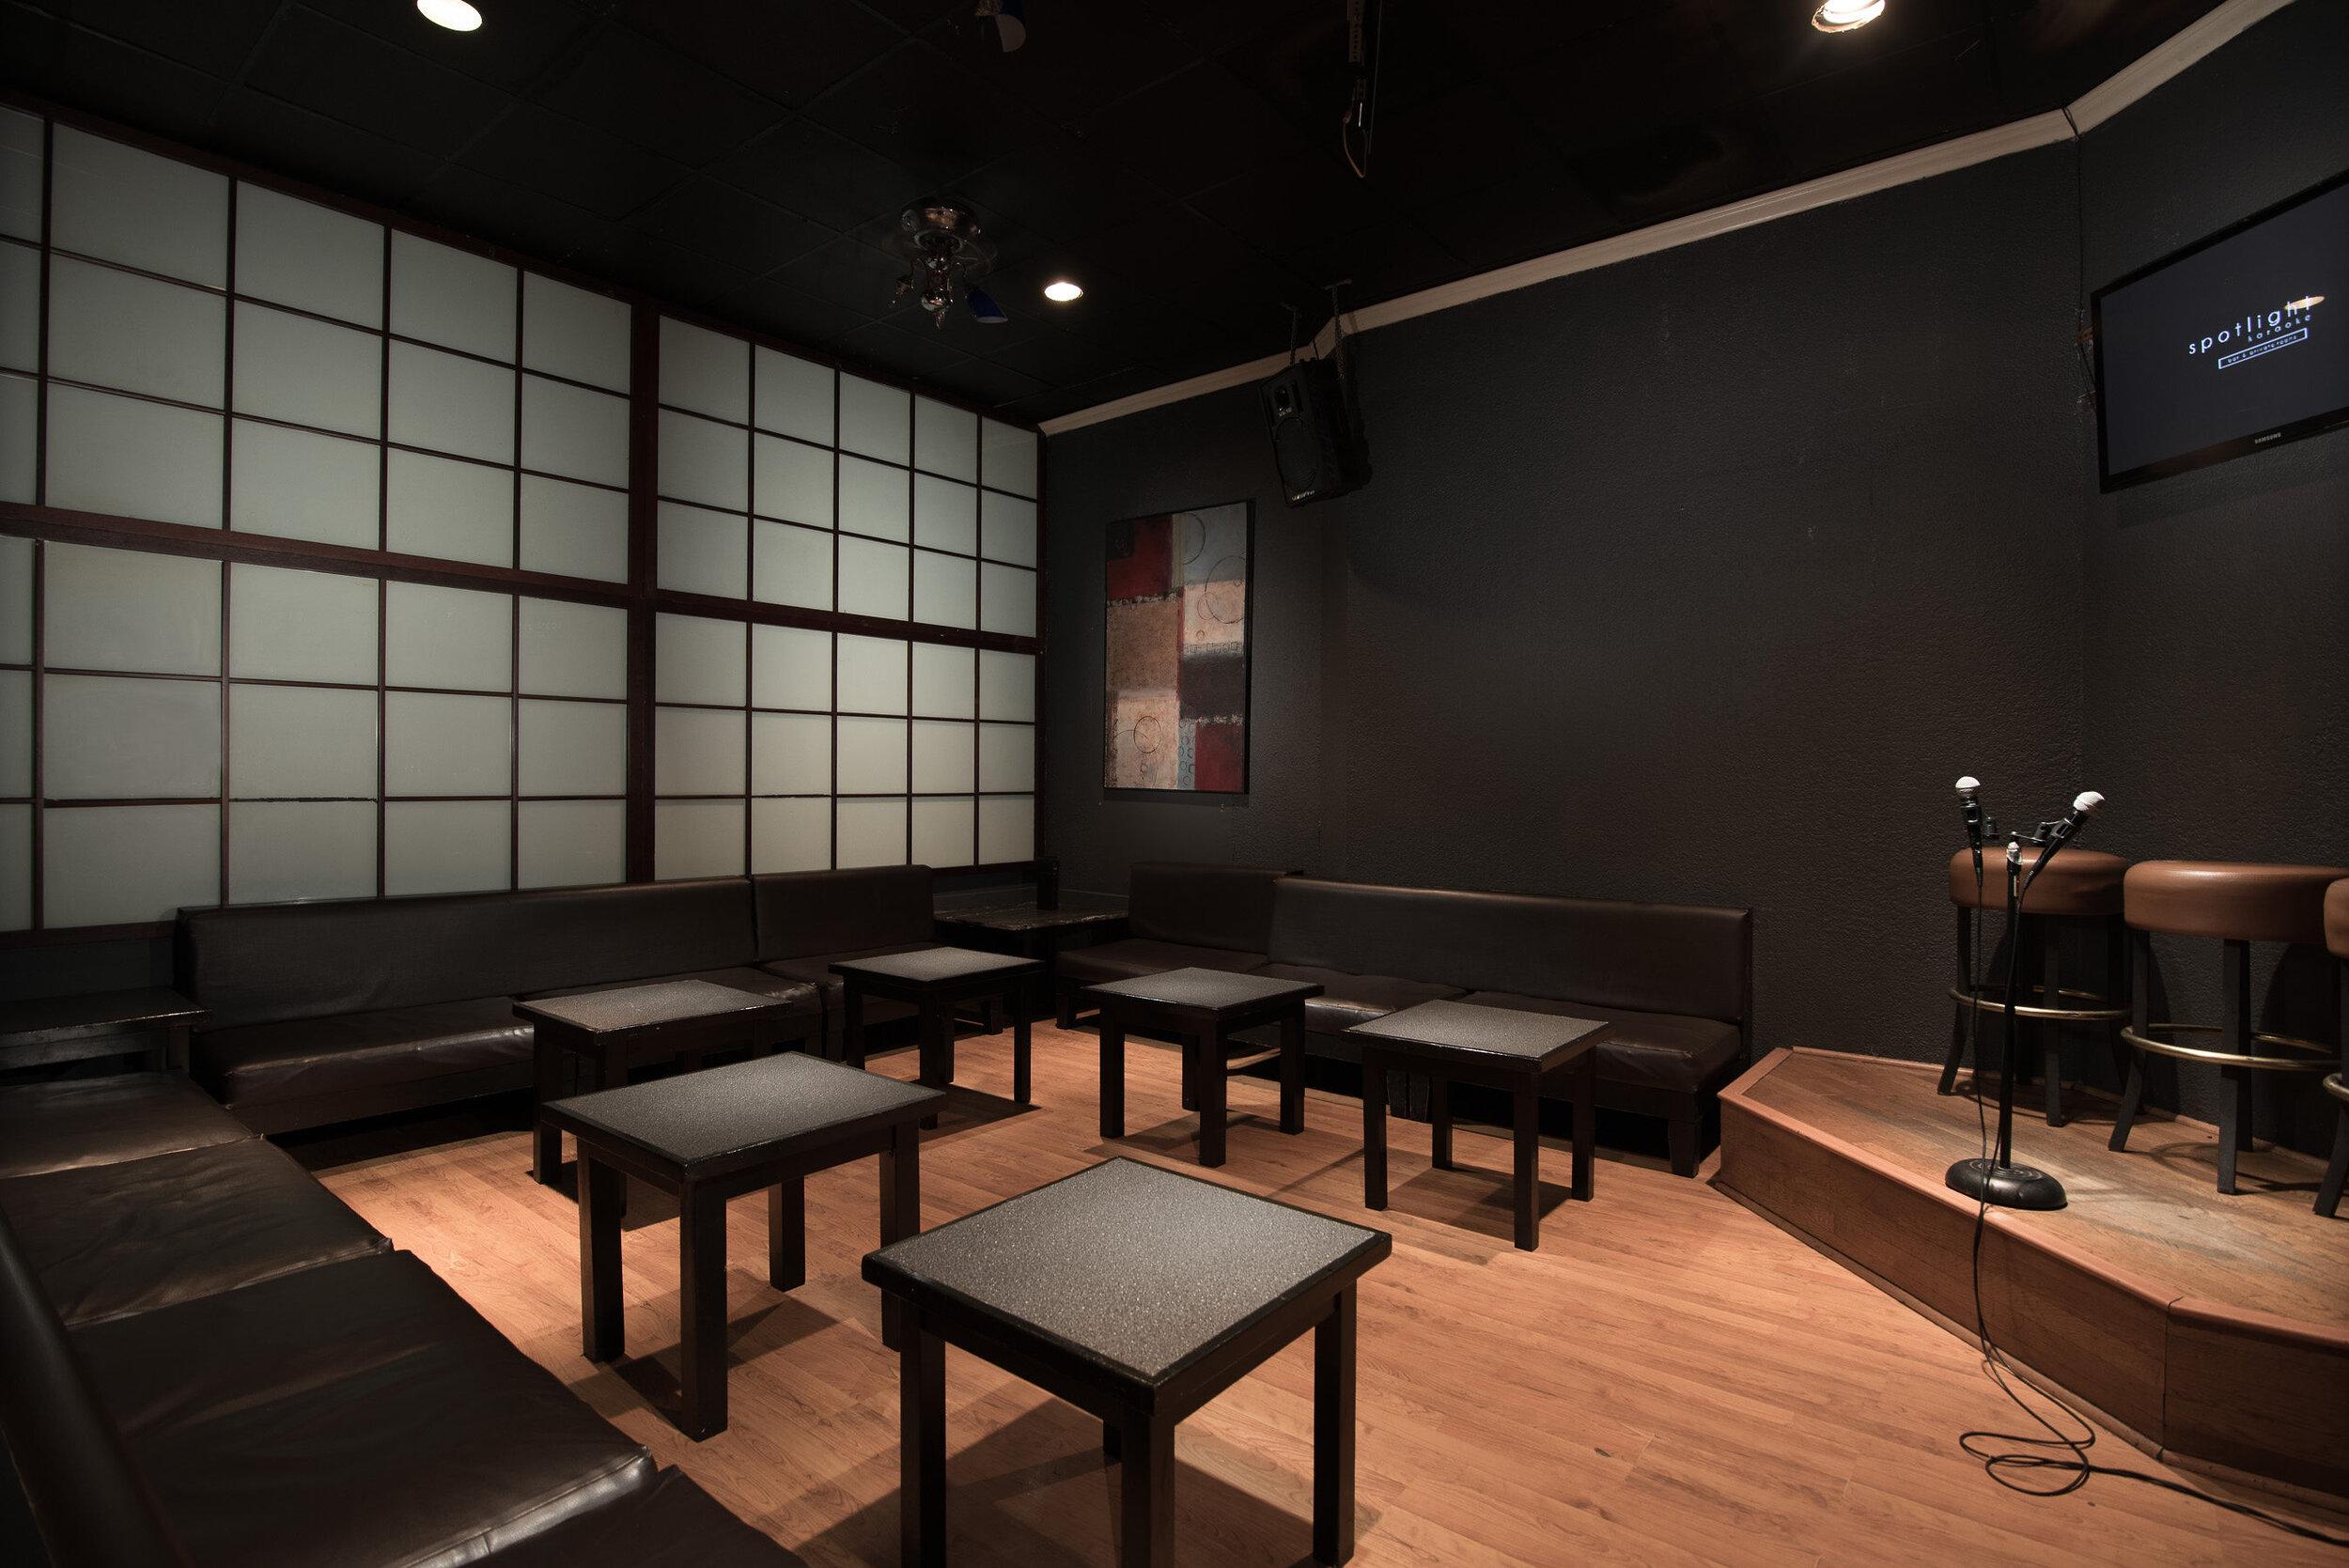 Galleria Room 4